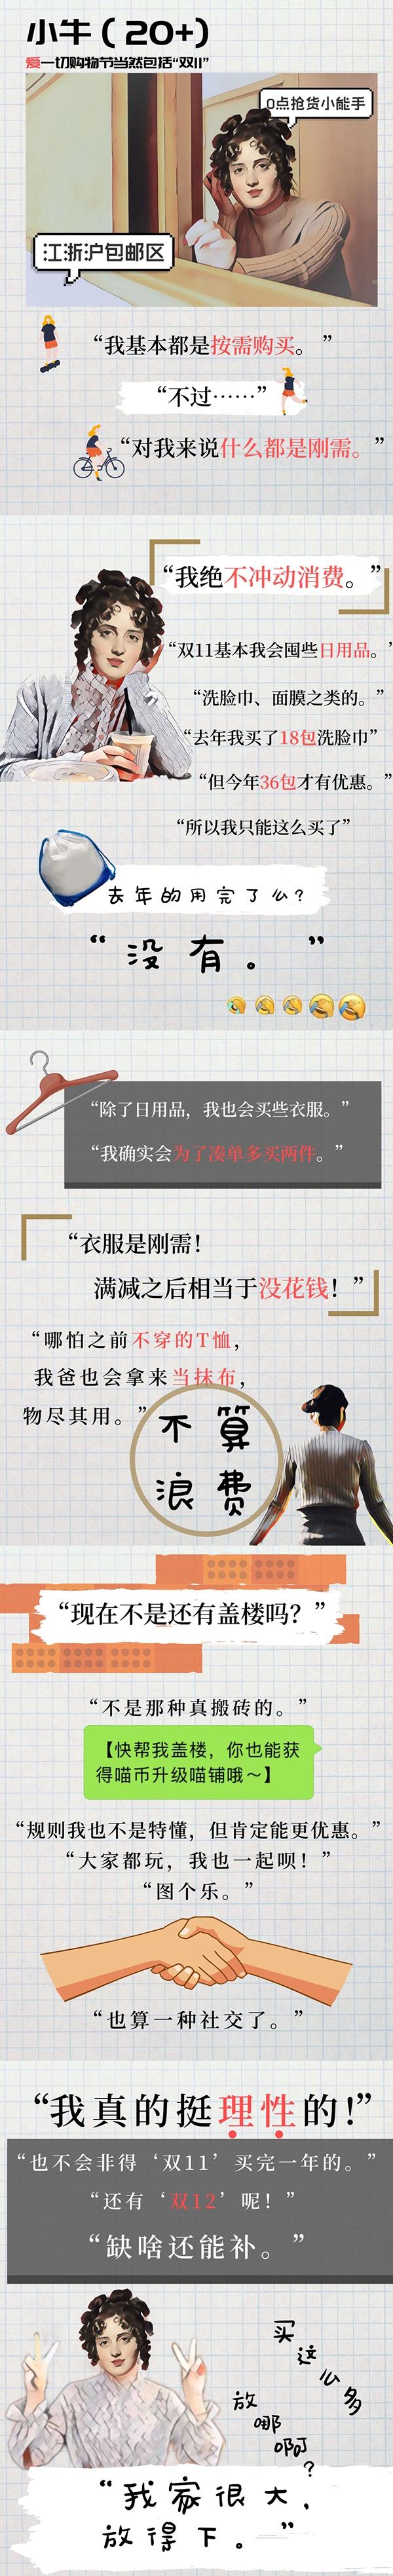 z7娱乐app - 一个只有20多户人家的神秘村寨,却霸占中国四大顶级美景